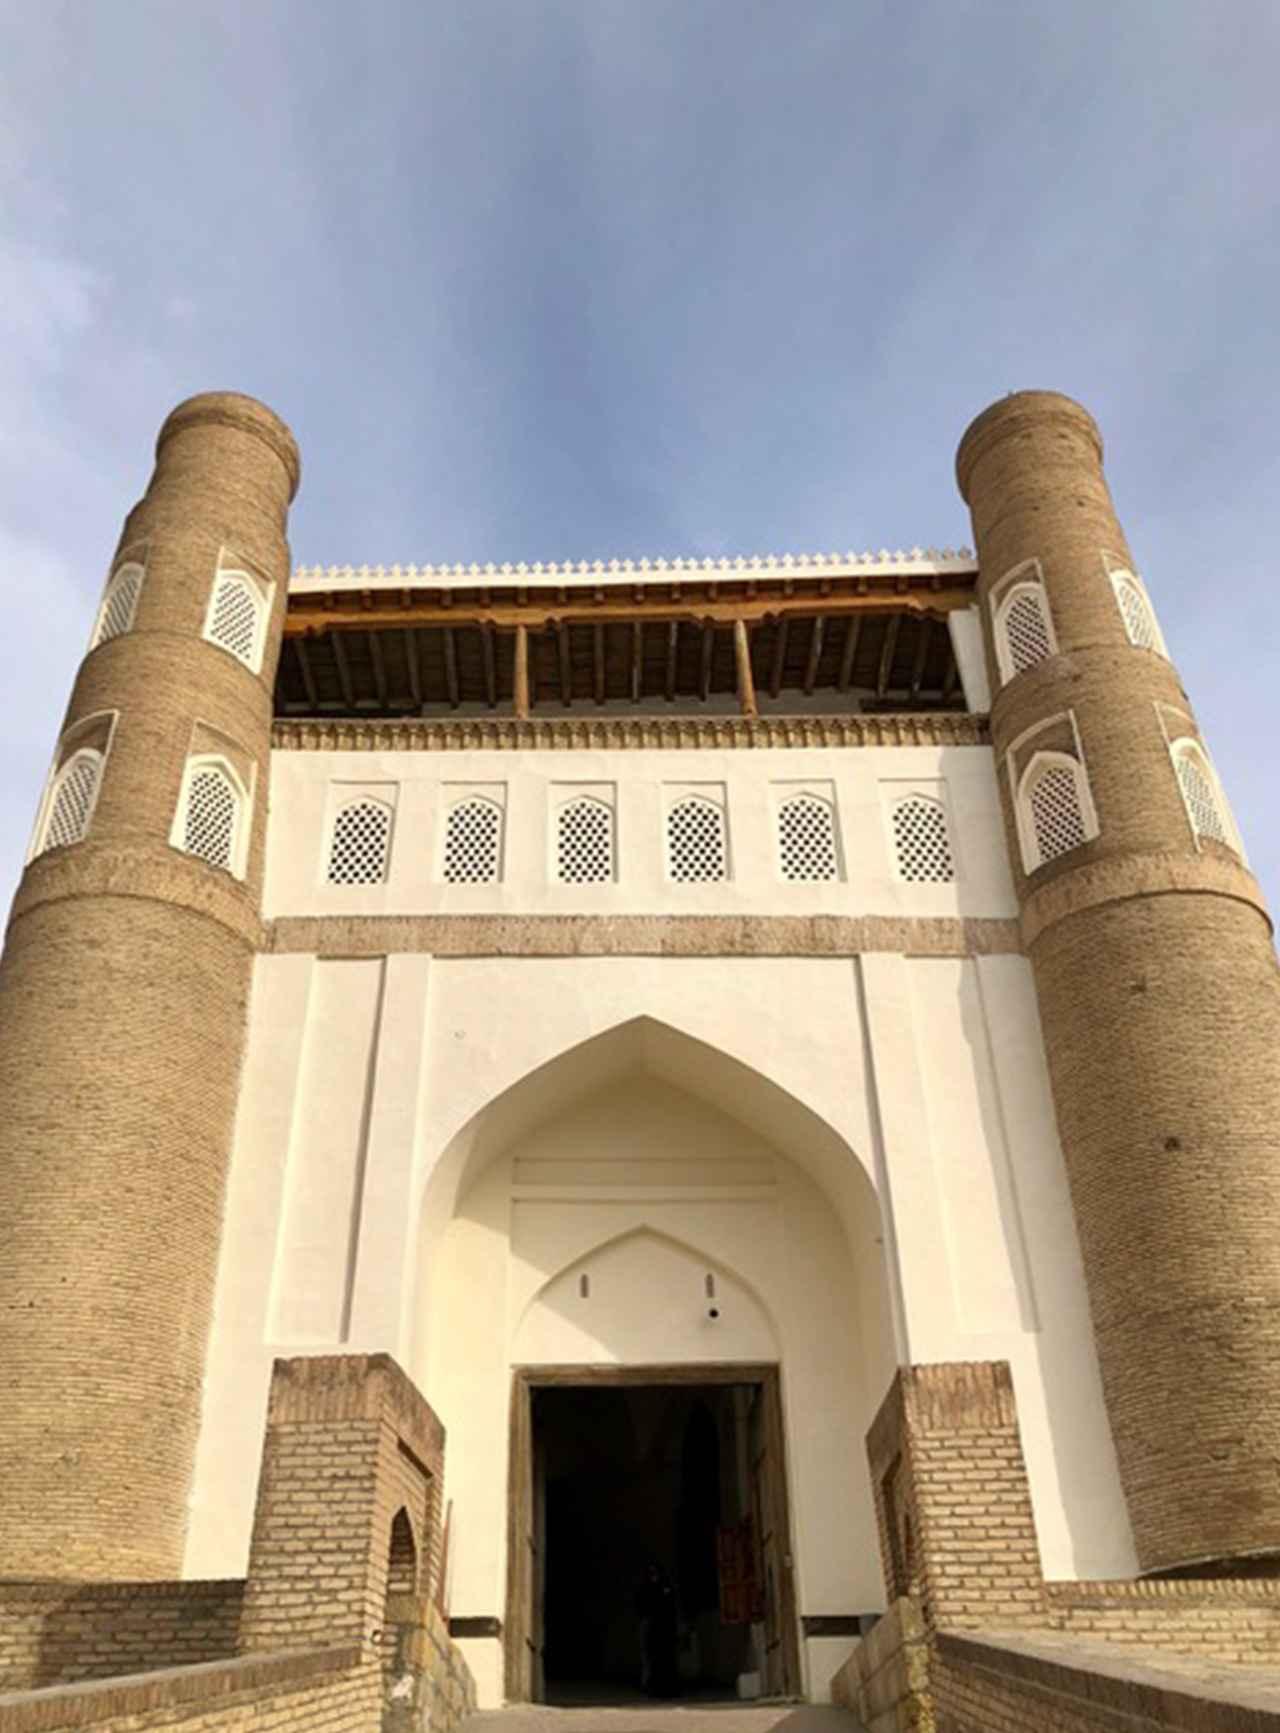 Images : アルク城の正門前